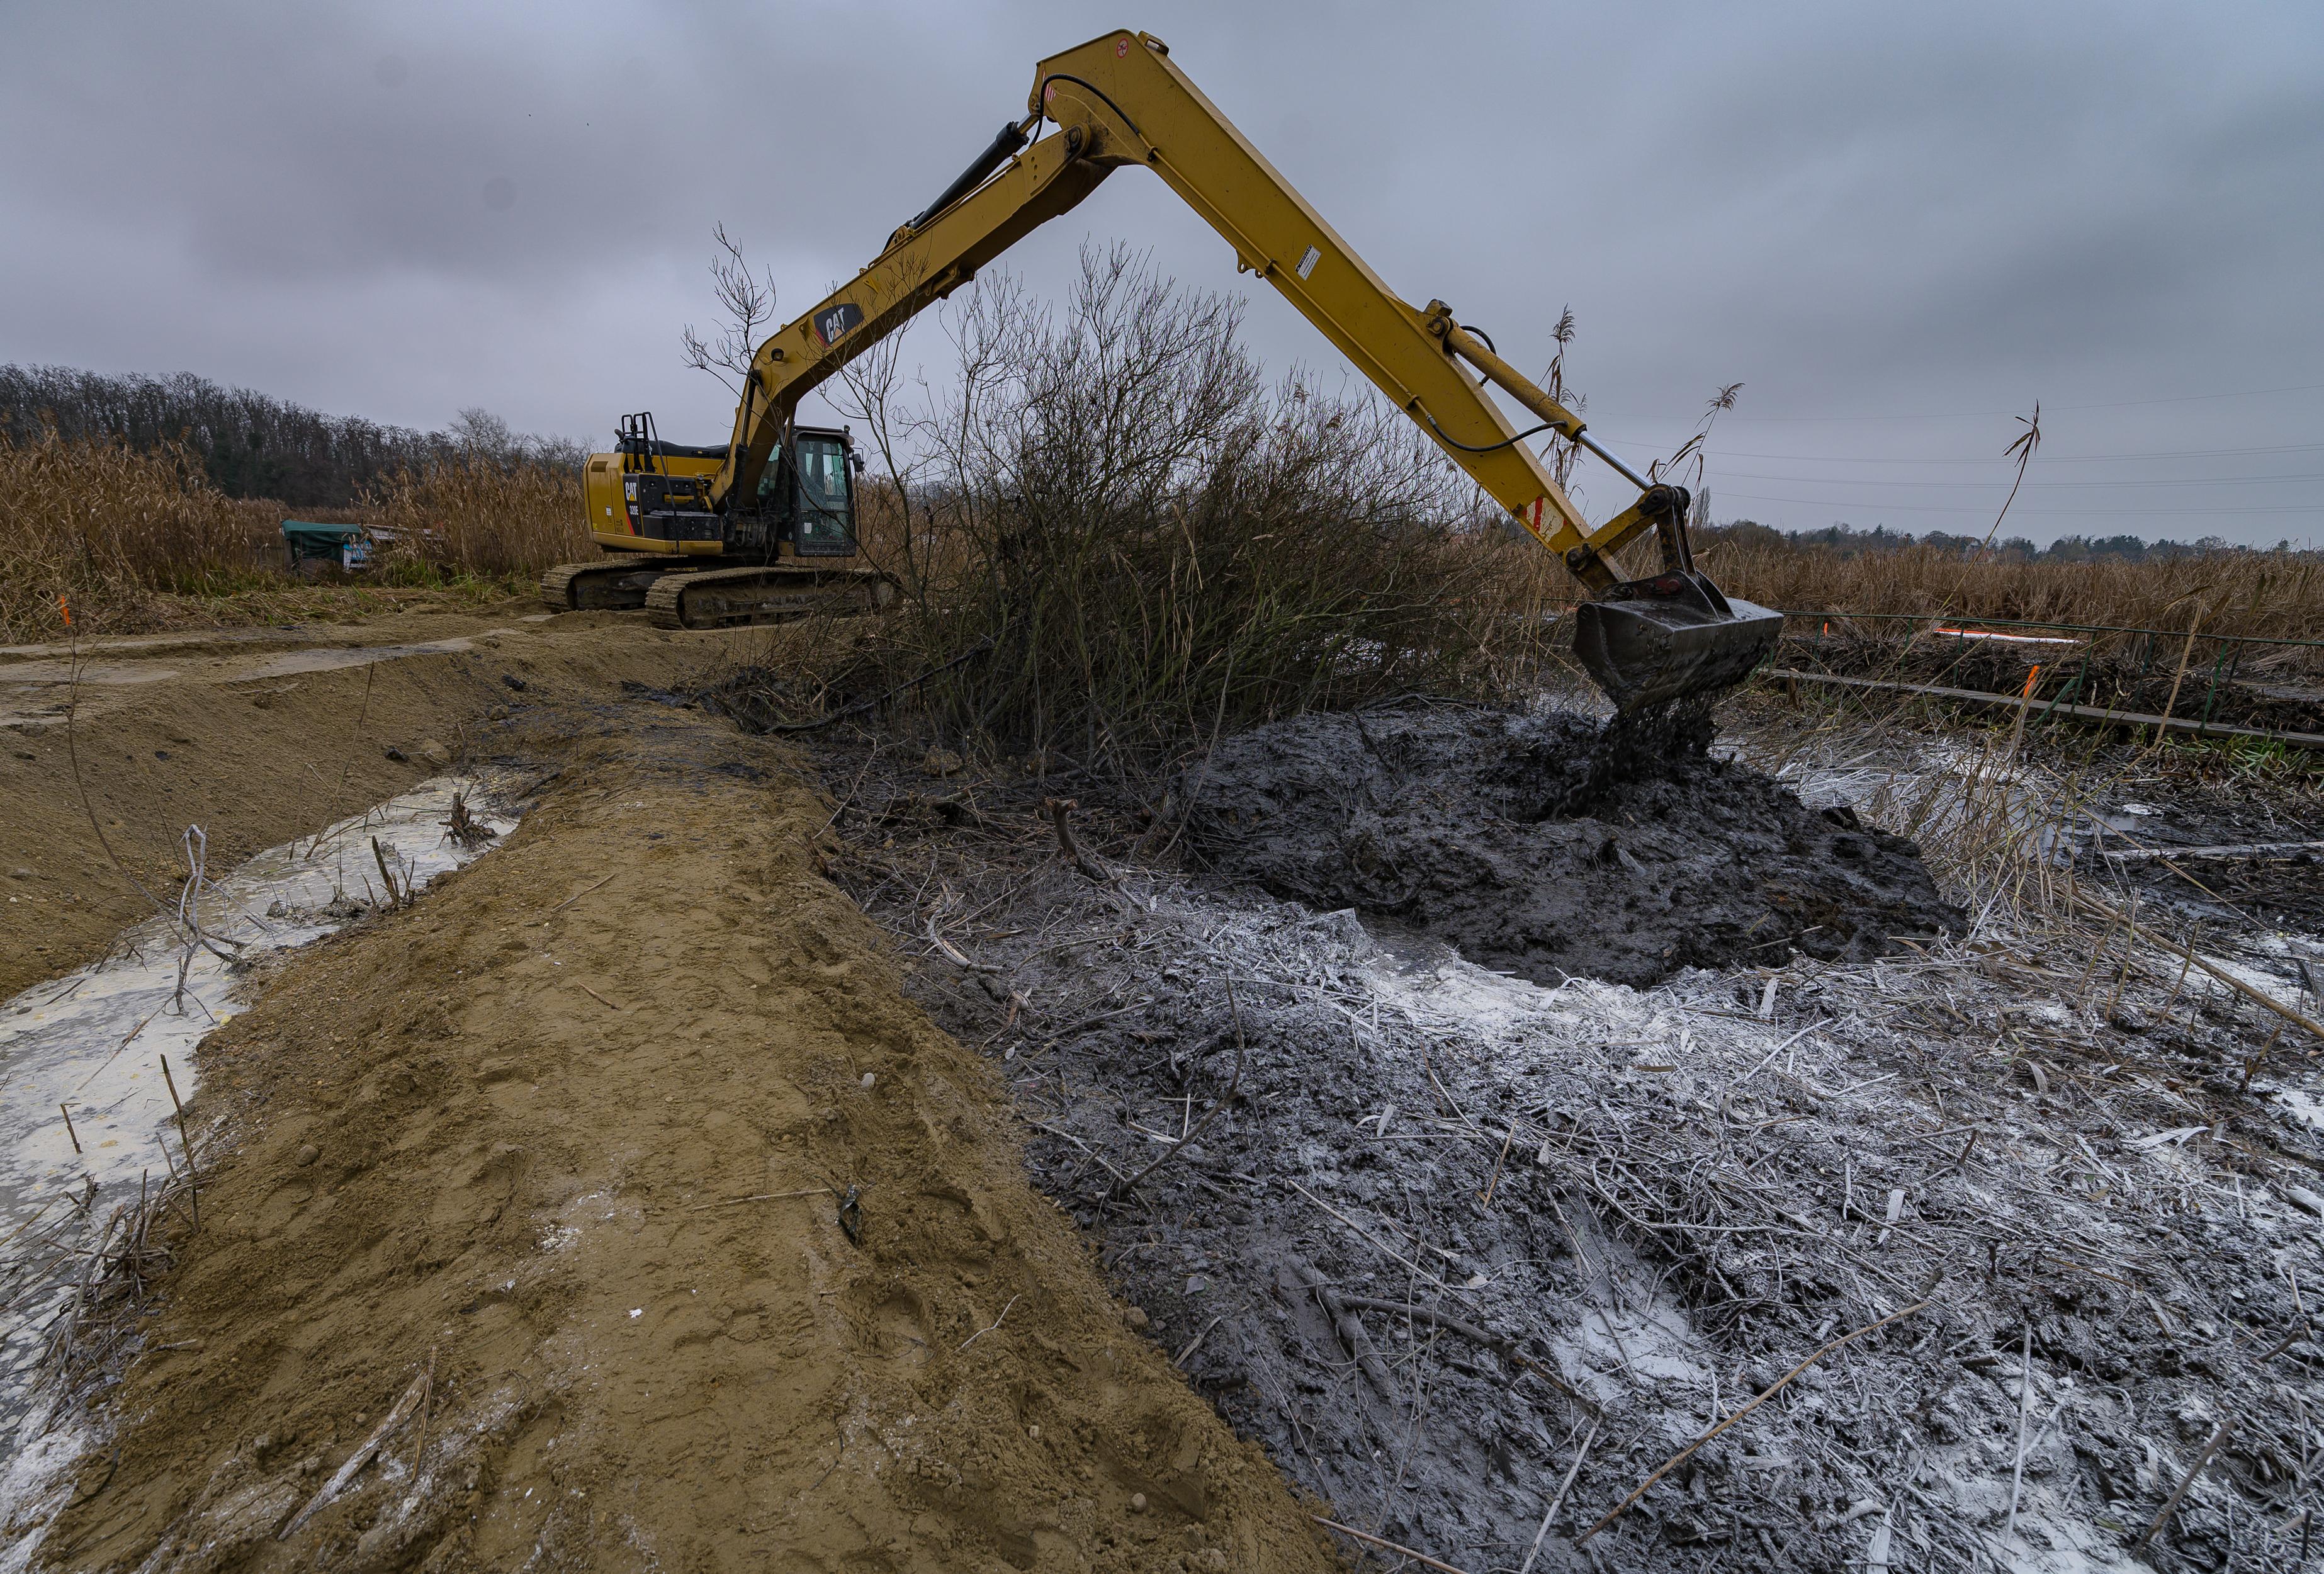 Hosszú évekig tart, amíg regenerálódik a természet a szigetszentmiklósi olajszennyezés után, addig ronda lesz a látvány